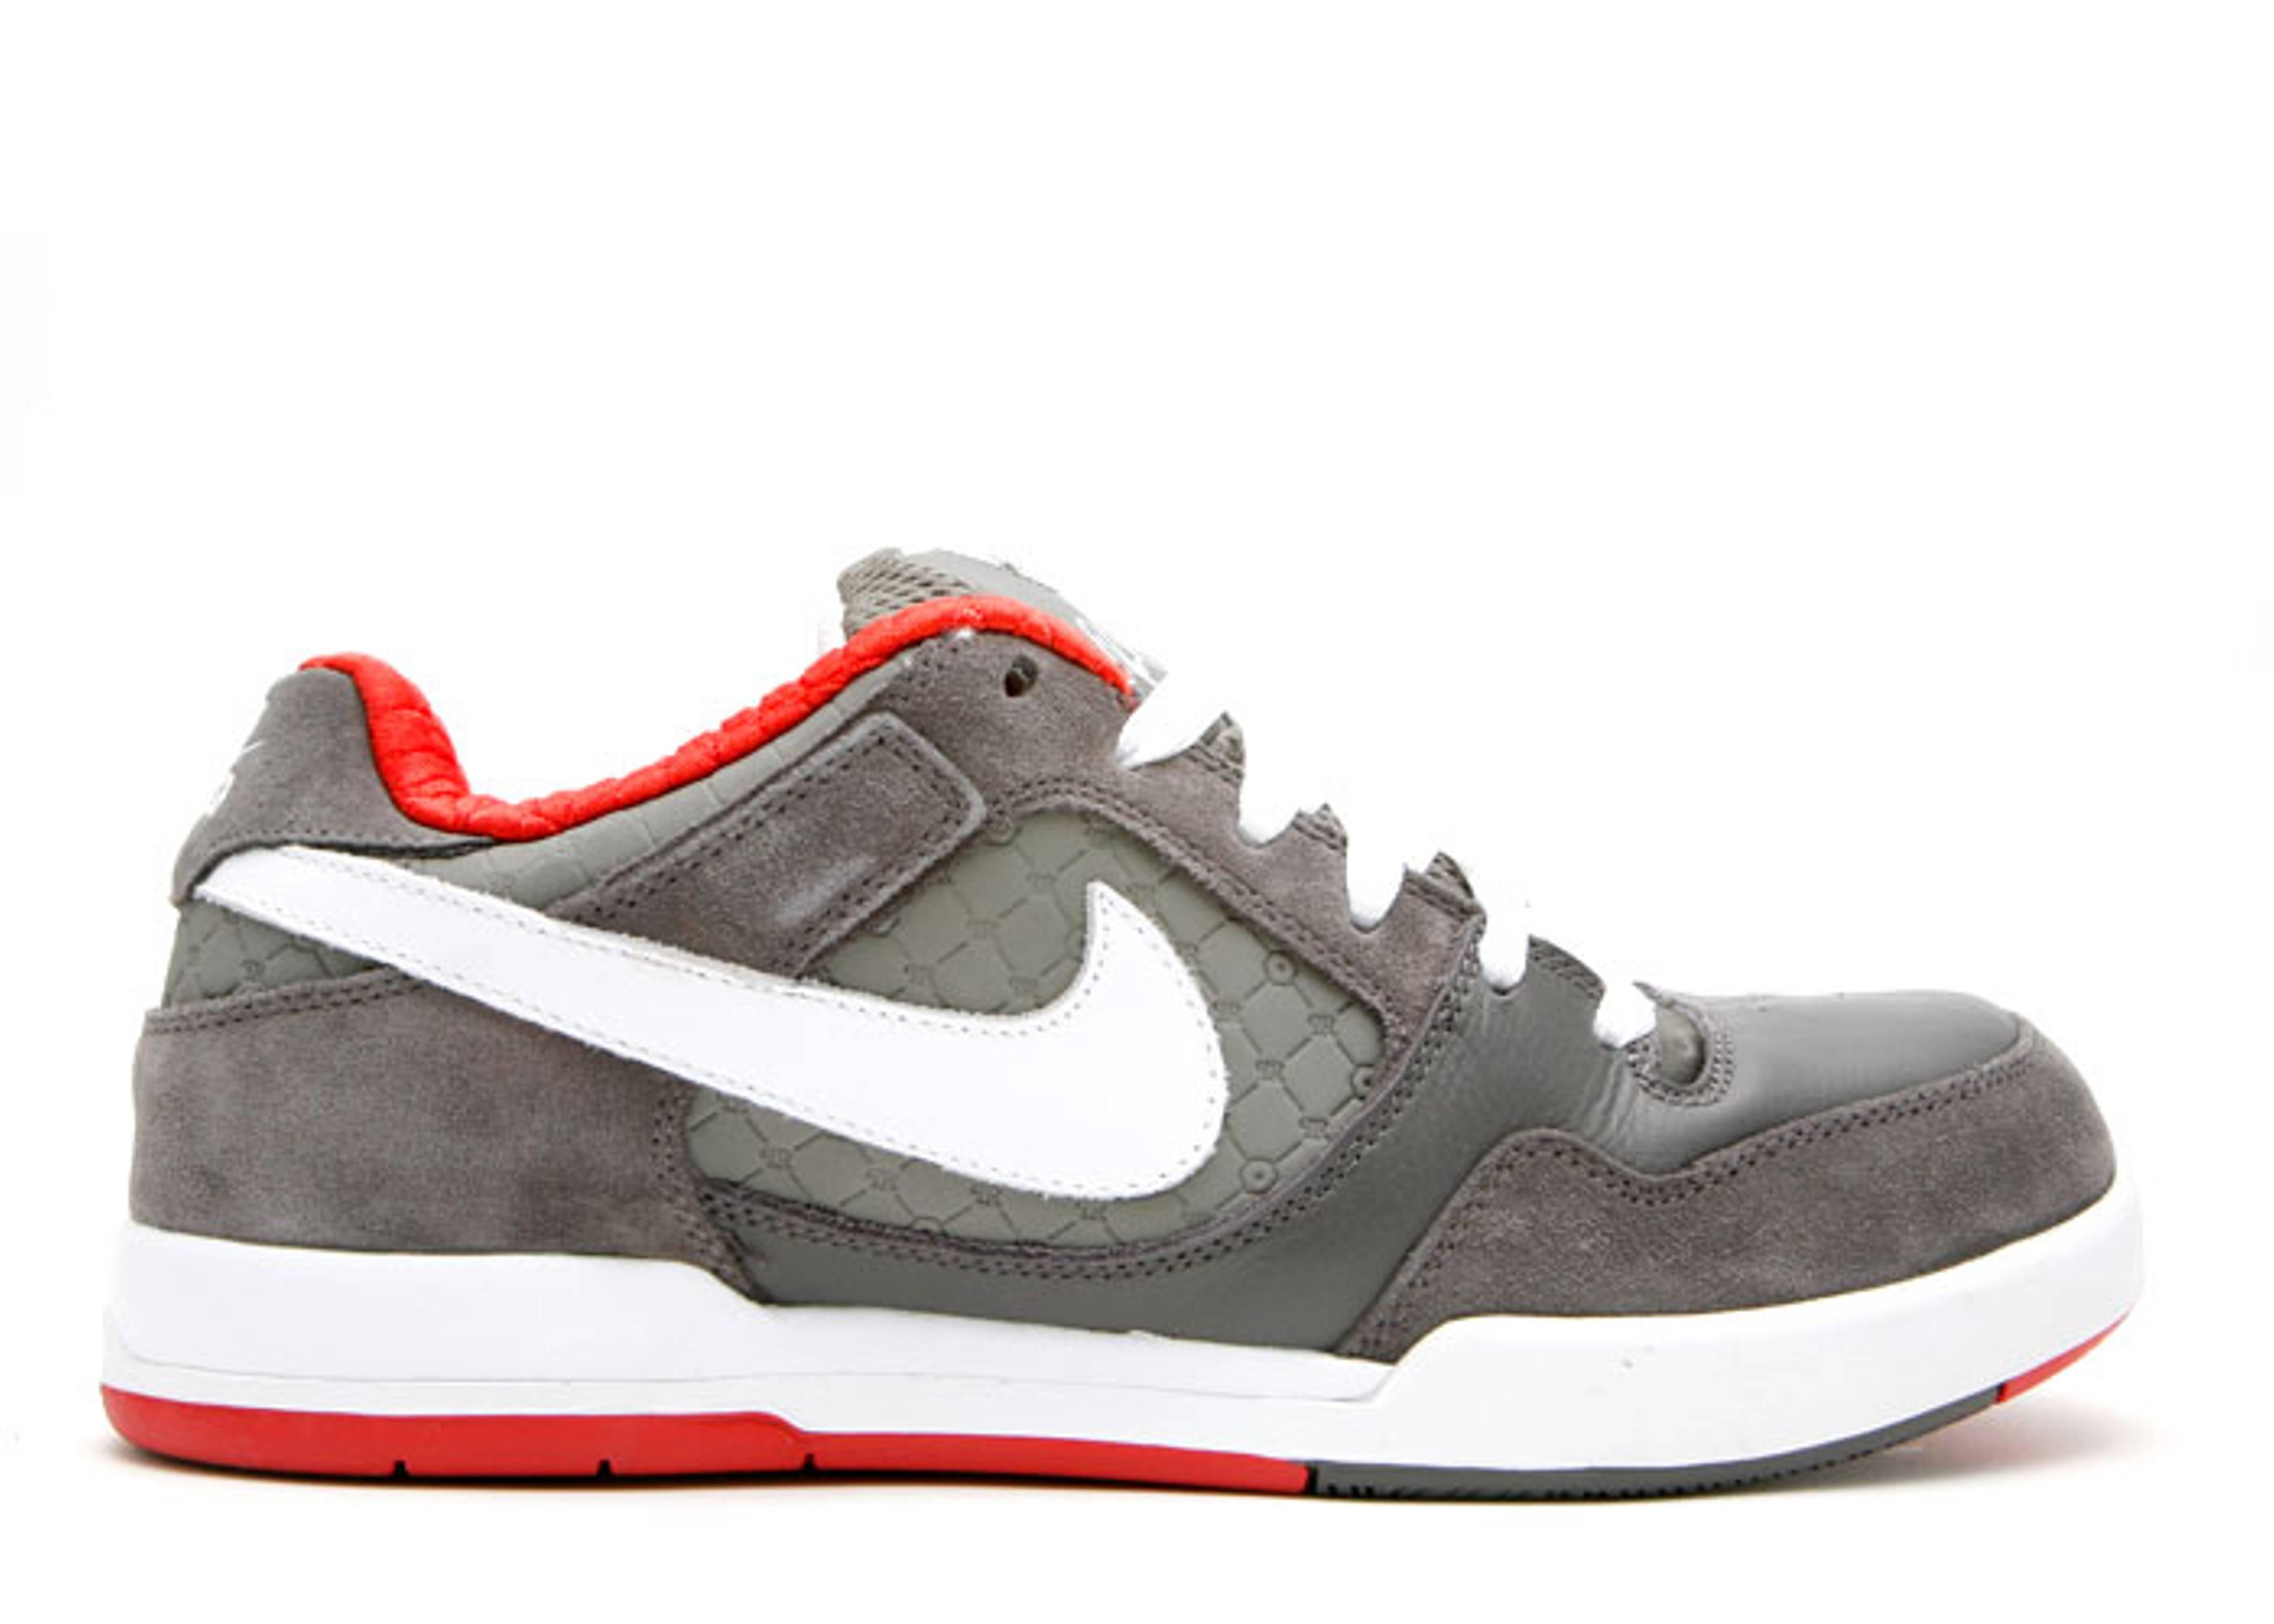 Paul Rodriguez Shoe Size